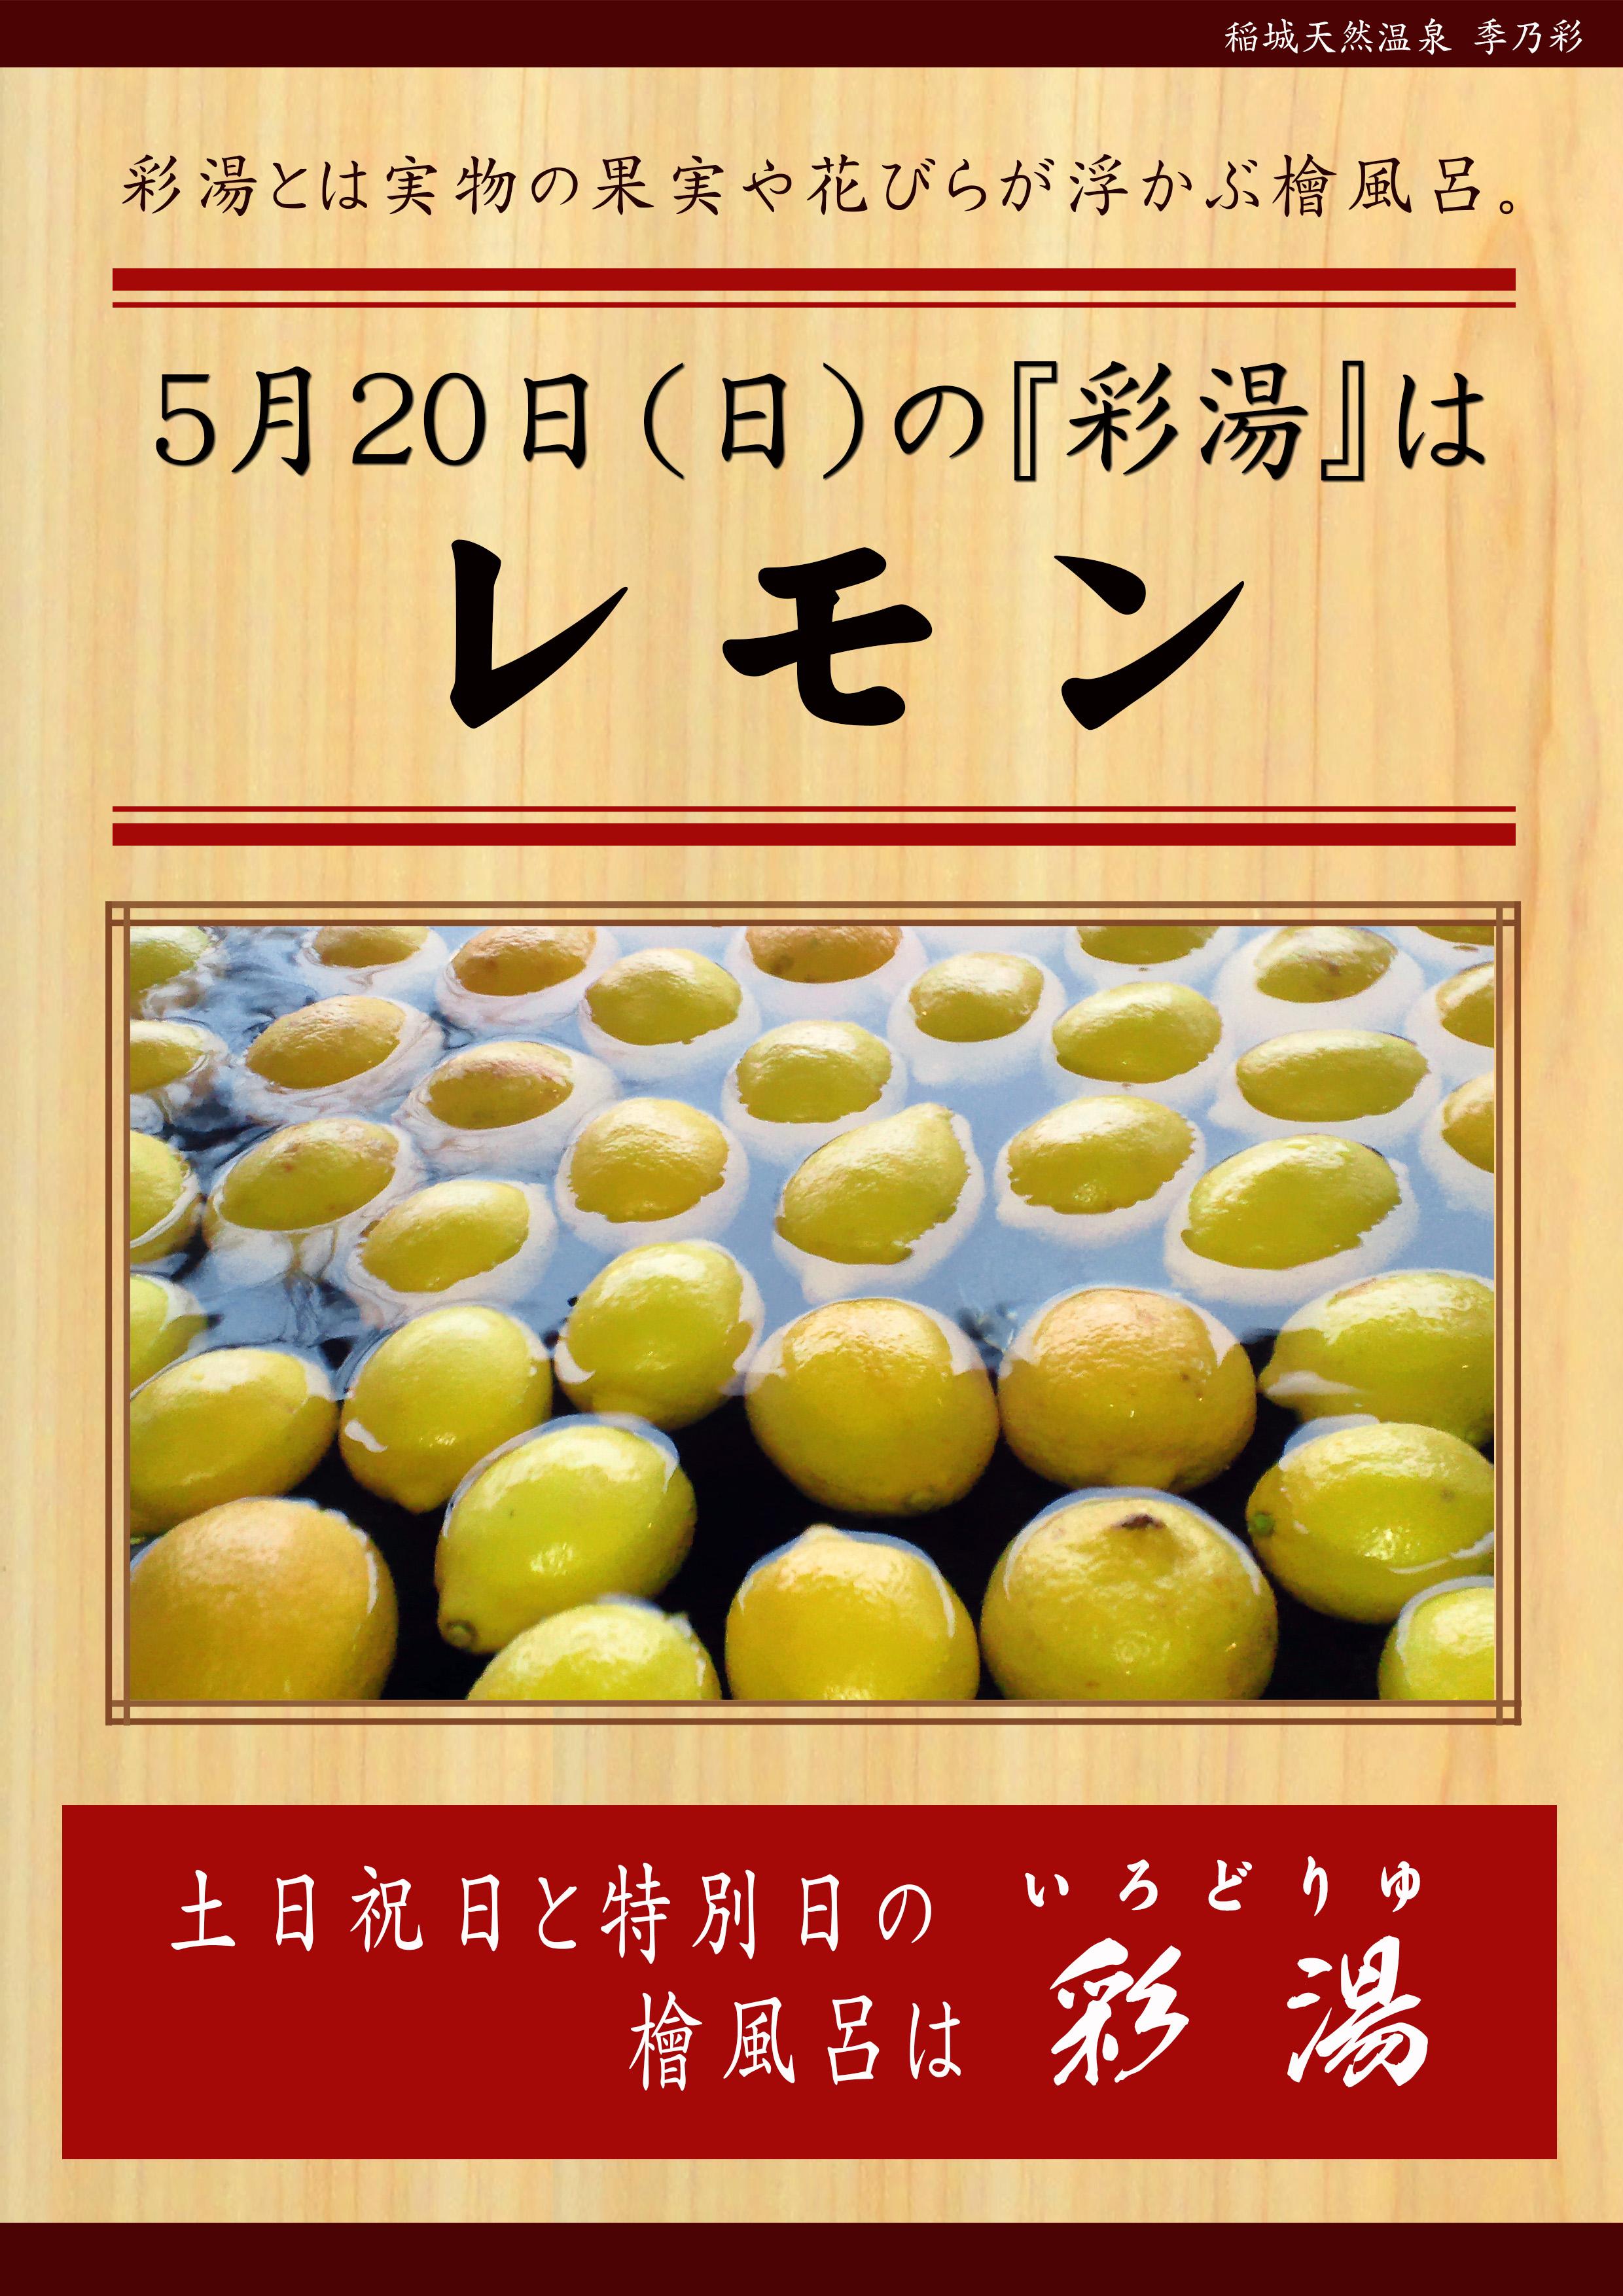 20180520POP イベント 彩湯 レモン